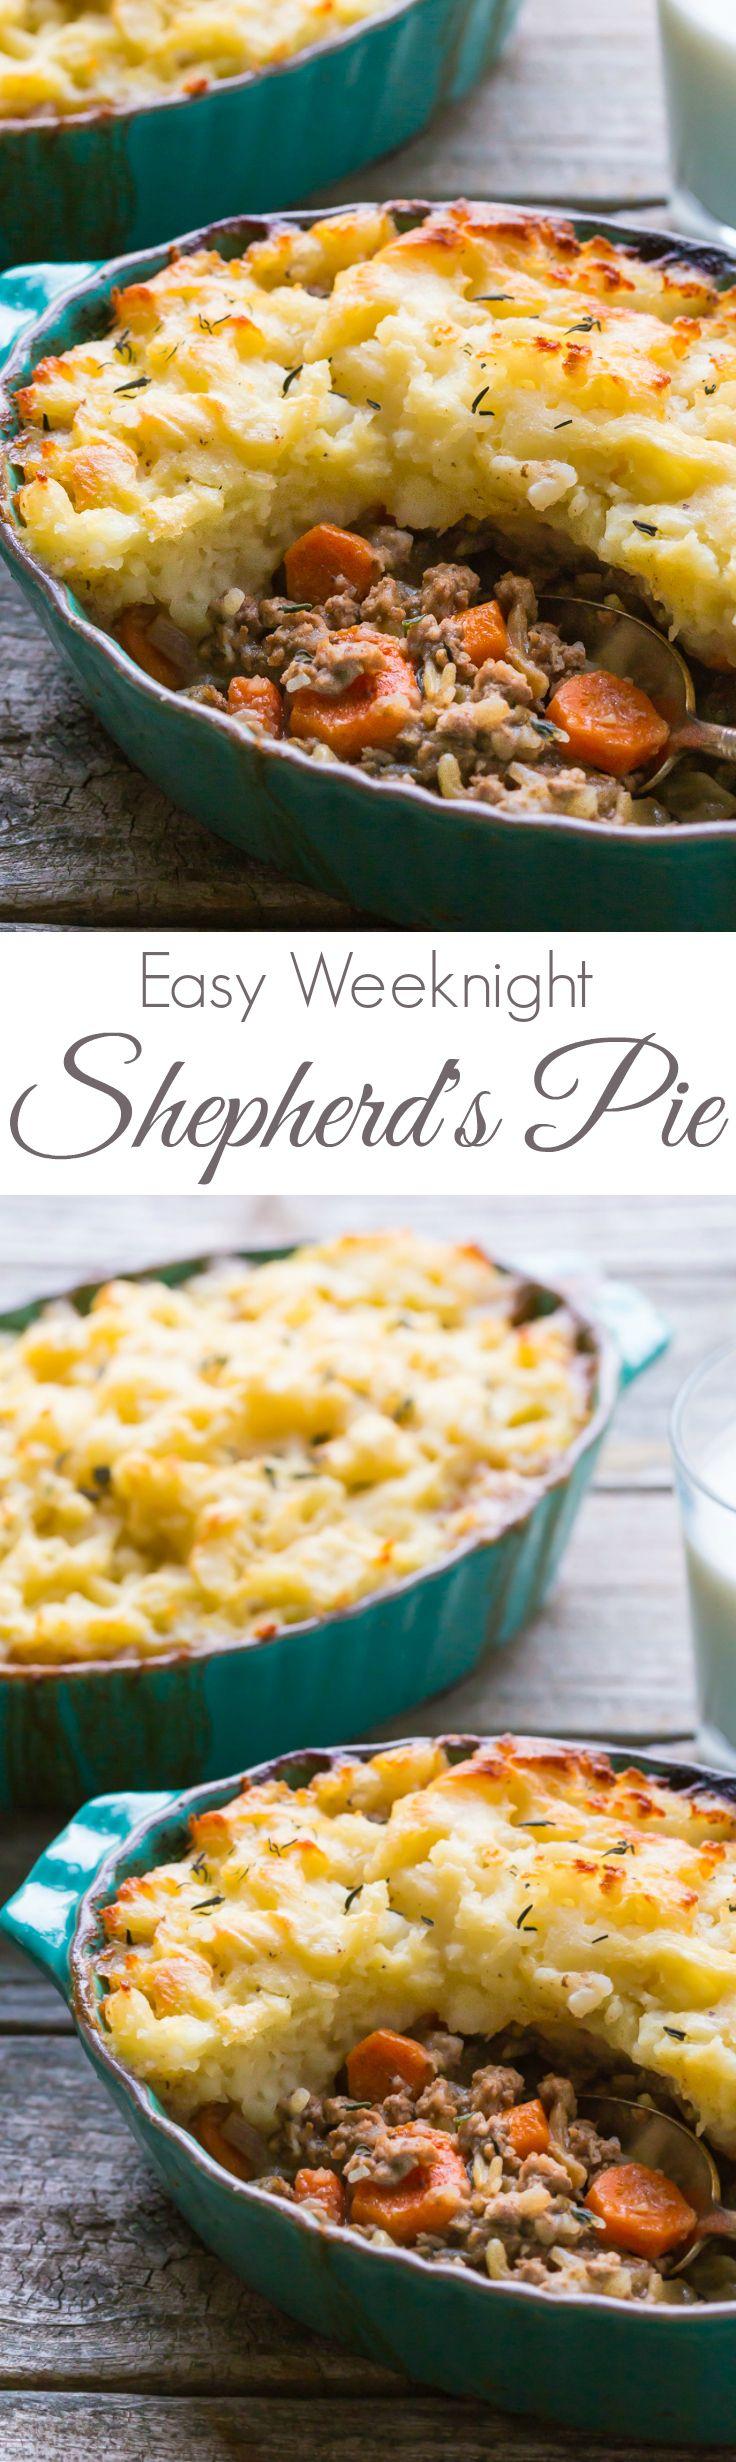 Easy Gluten Free Shepherds Pie #shepardspie